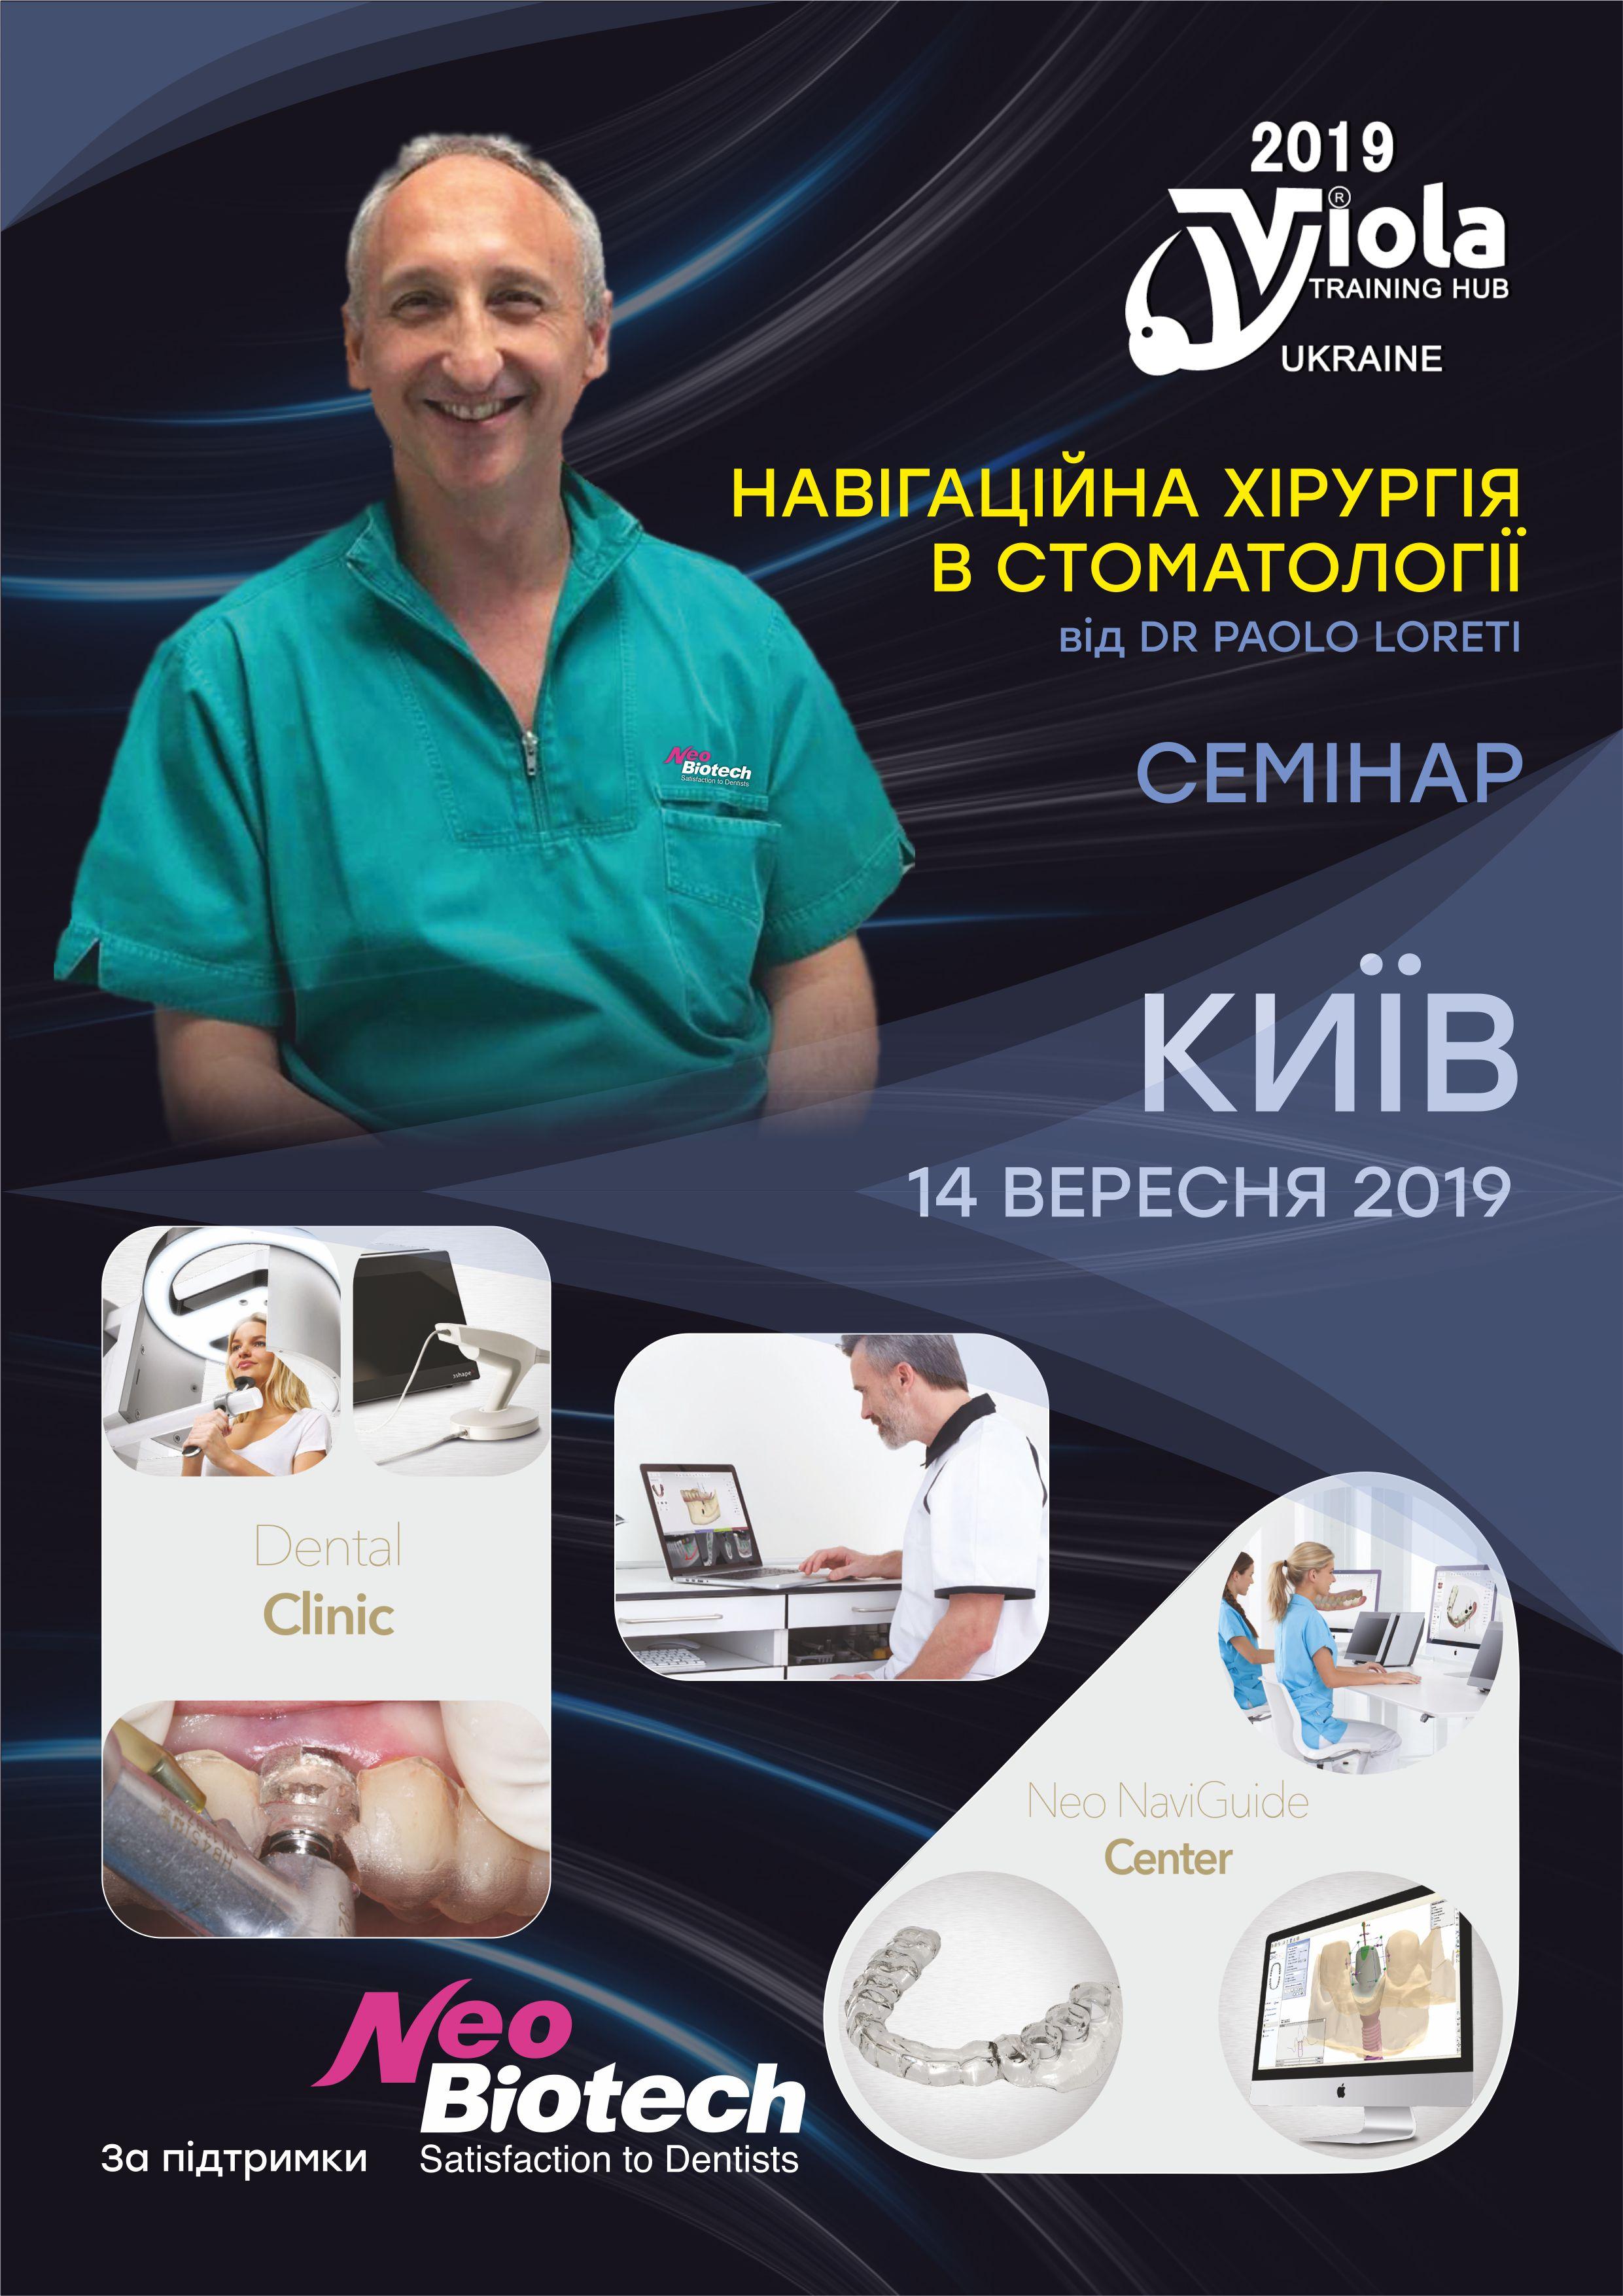 Навигационная хирургия в стоматологии